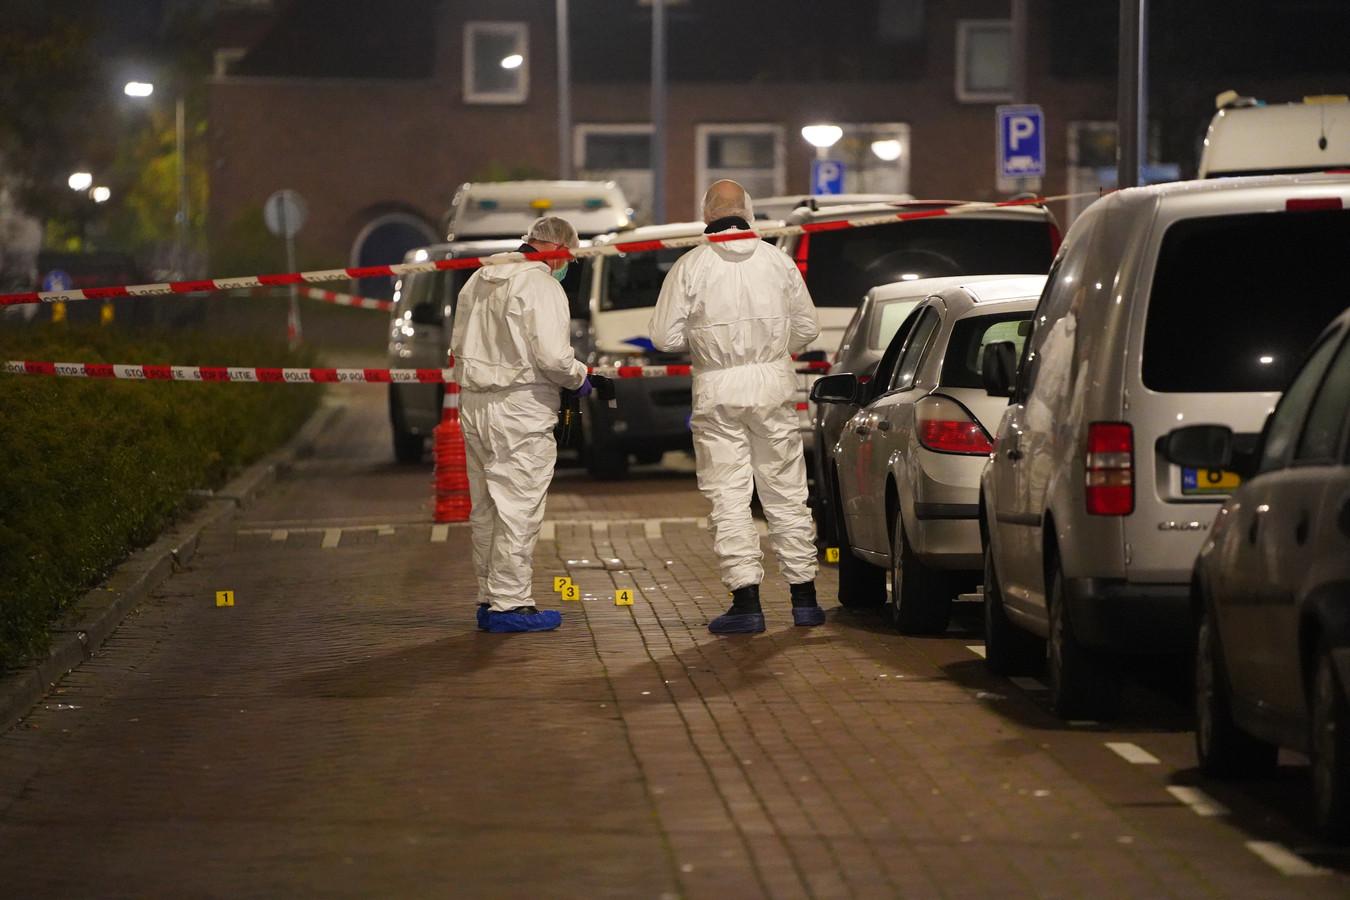 Rechercheurs doen voor de avondwinkel onderzoek naar de dodelijke schietpartij.